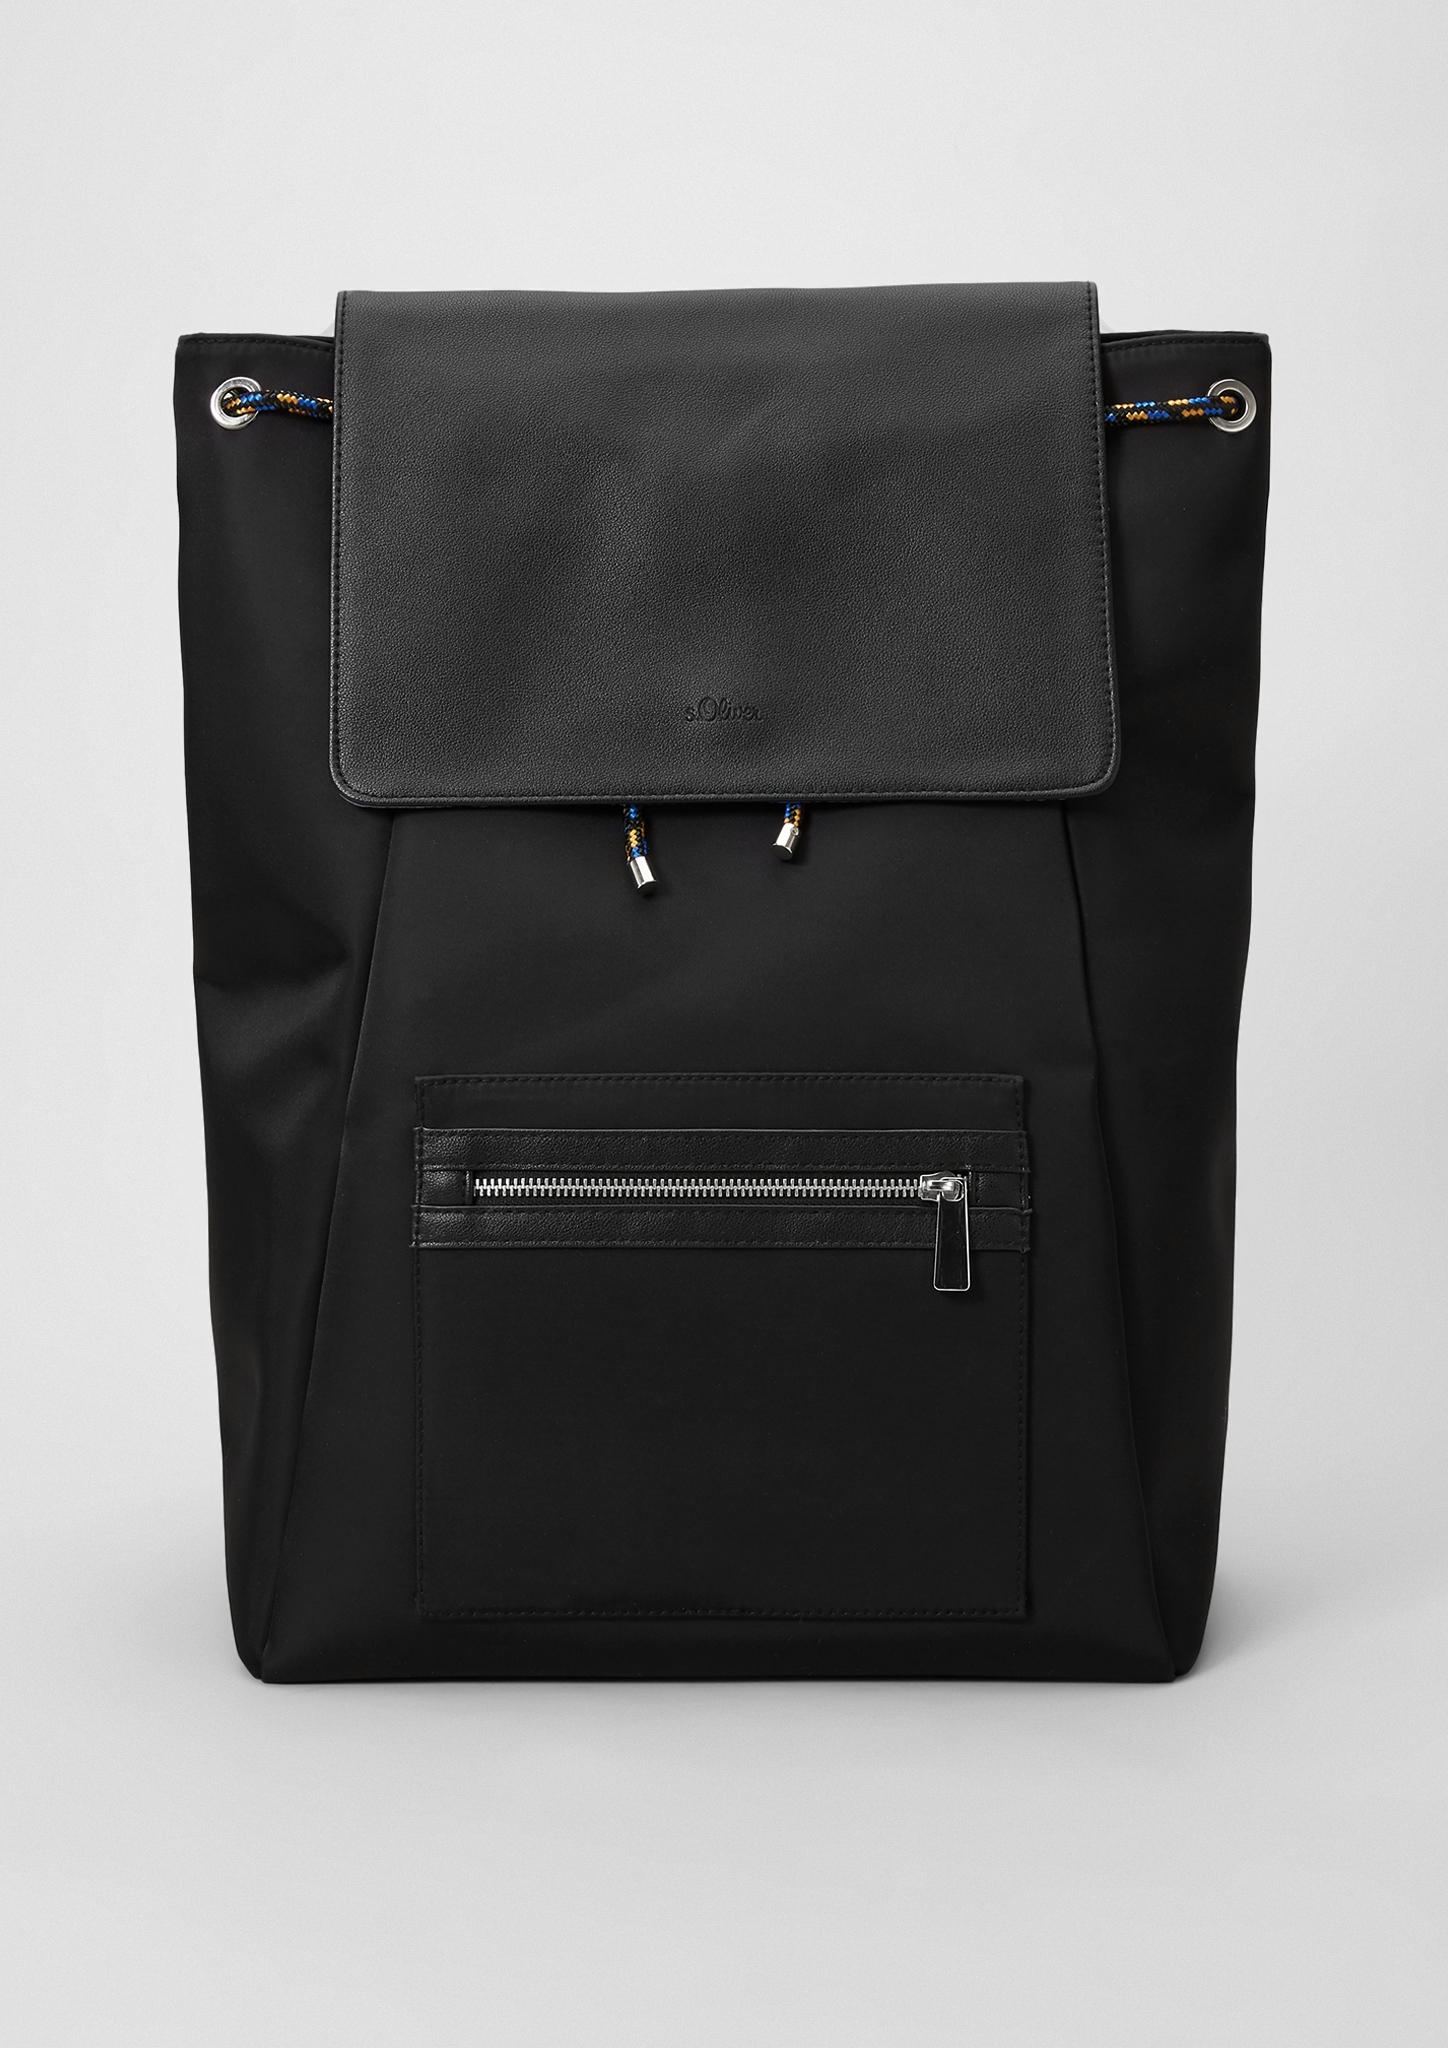 Rucksack   Taschen > Rucksäcke > Sonstige Rucksäcke   Grau/schwarz   Oberstoff: 100% polyamid  futter: 100% polyester   s.Oliver